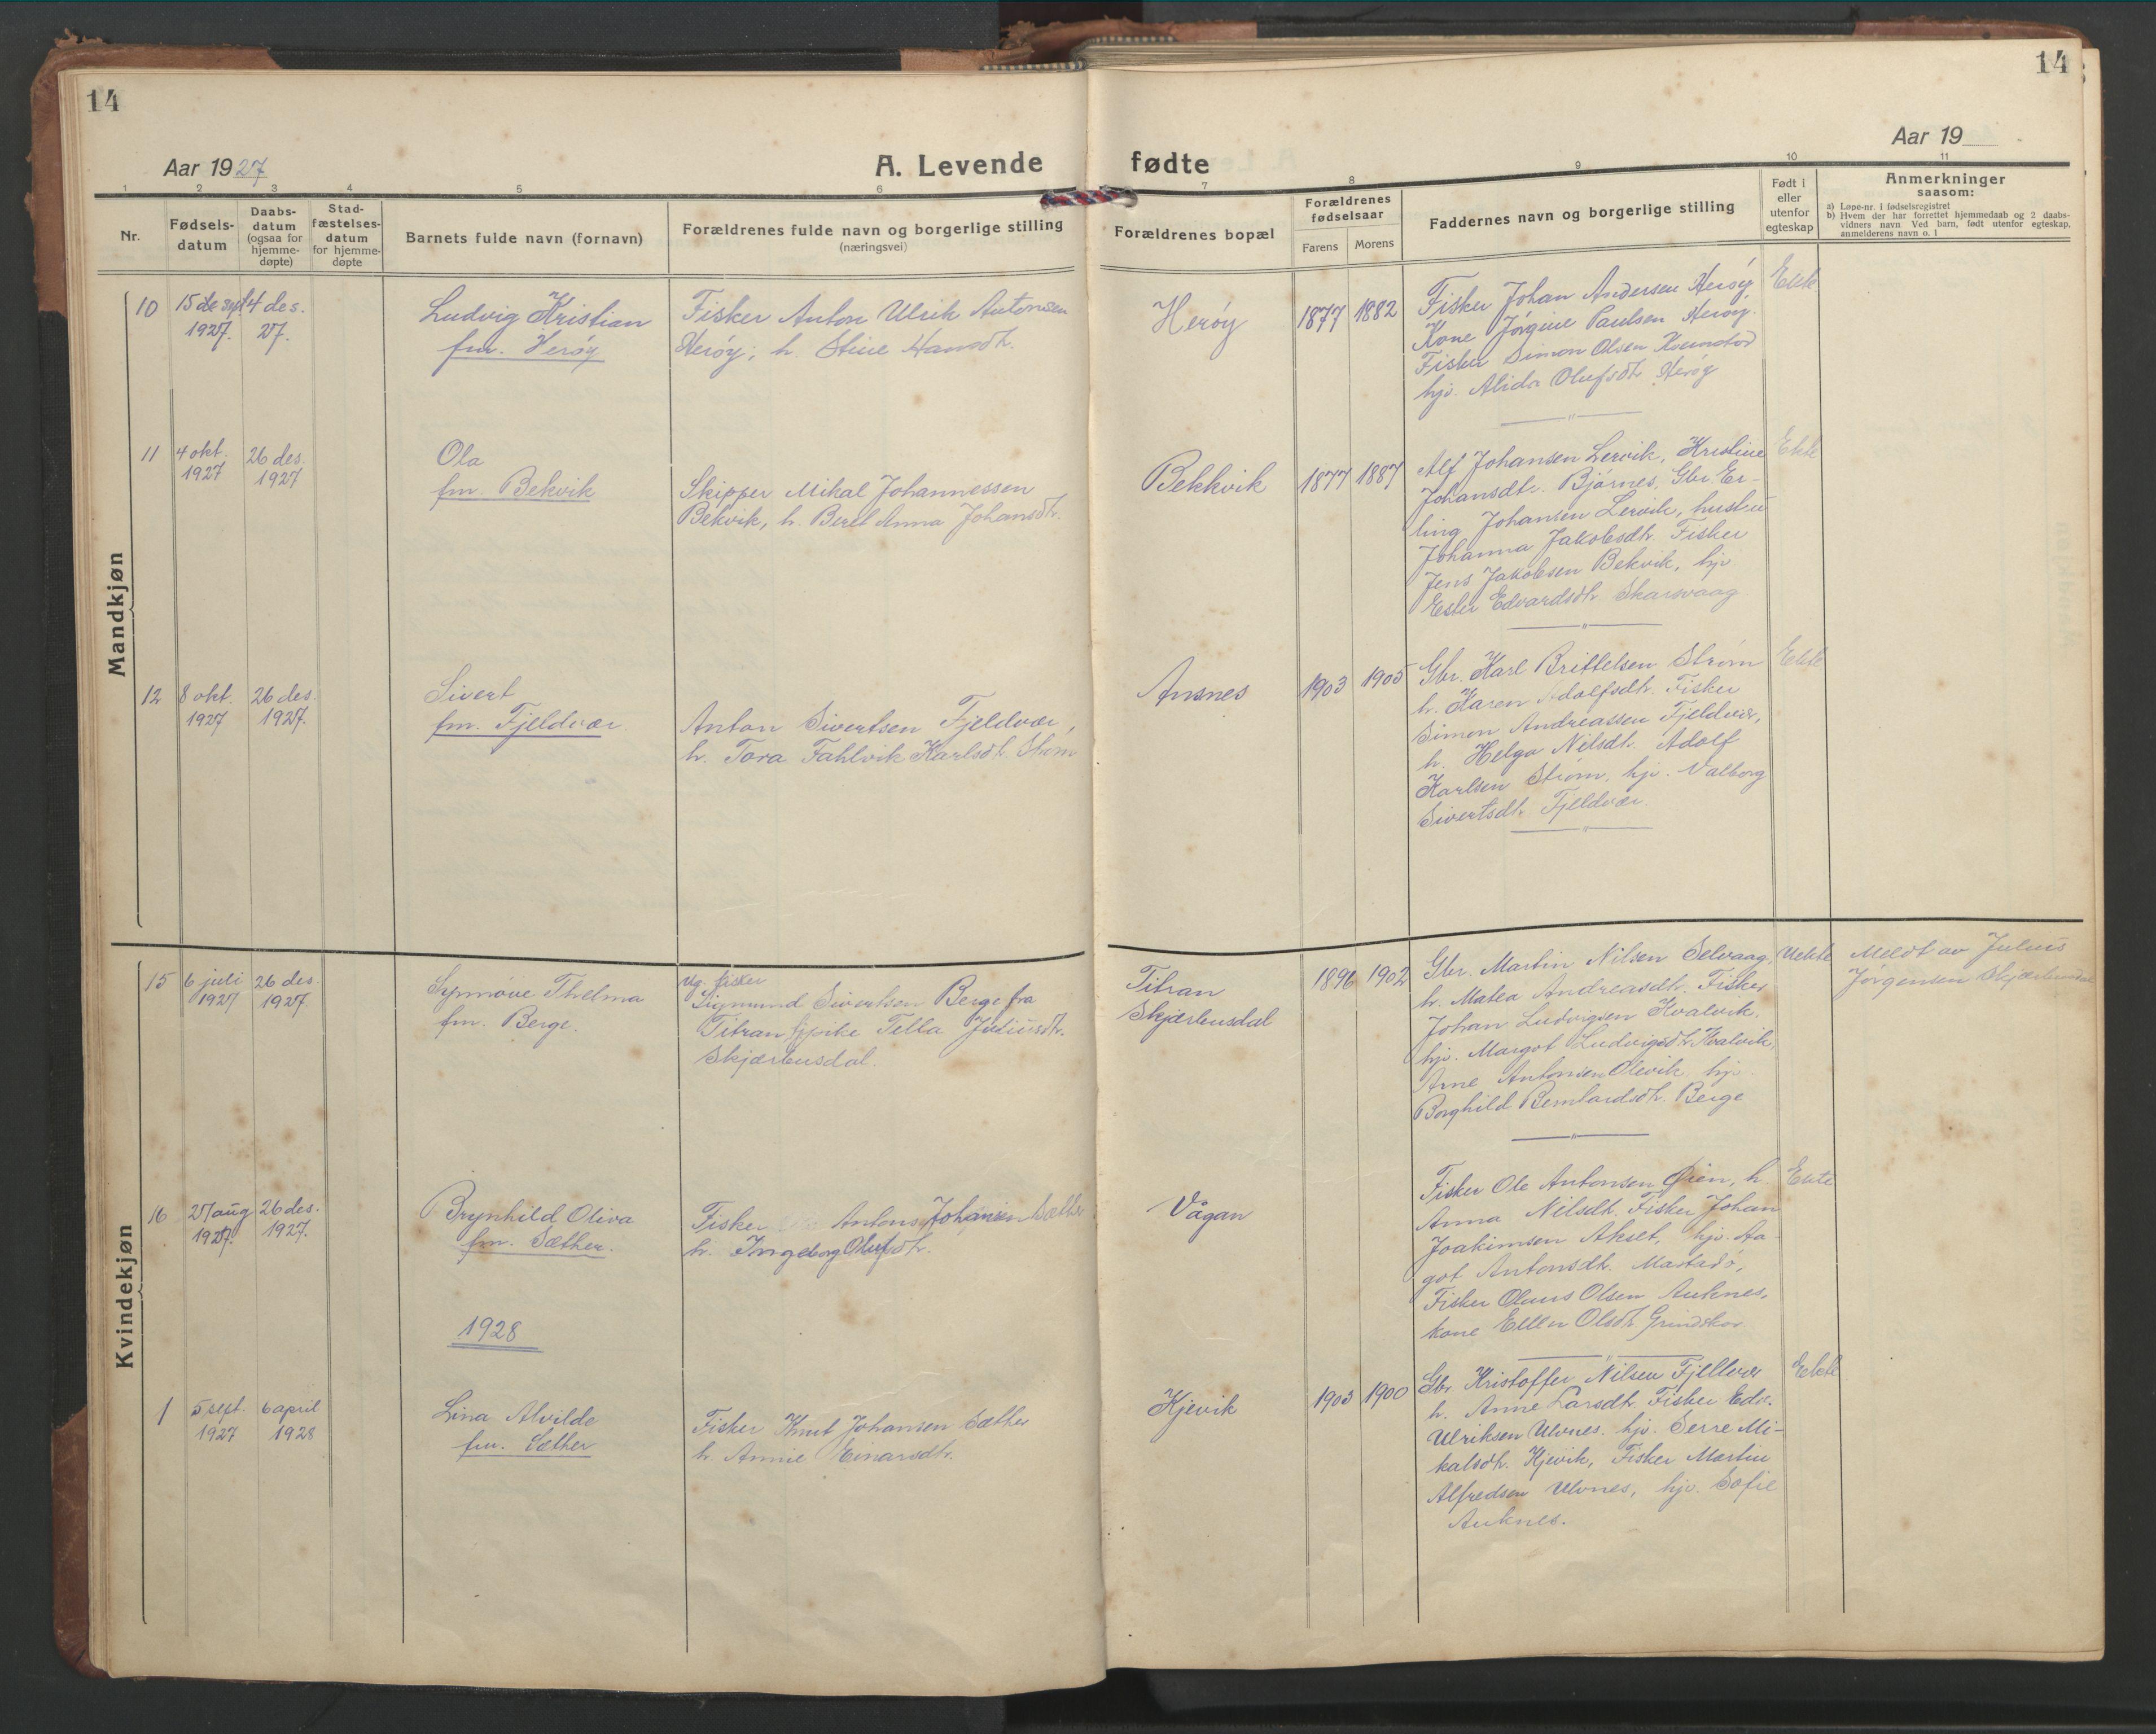 SAT, Ministerialprotokoller, klokkerbøker og fødselsregistre - Sør-Trøndelag, 638/L0569: Klokkerbok nr. 638C01, 1923-1961, s. 14